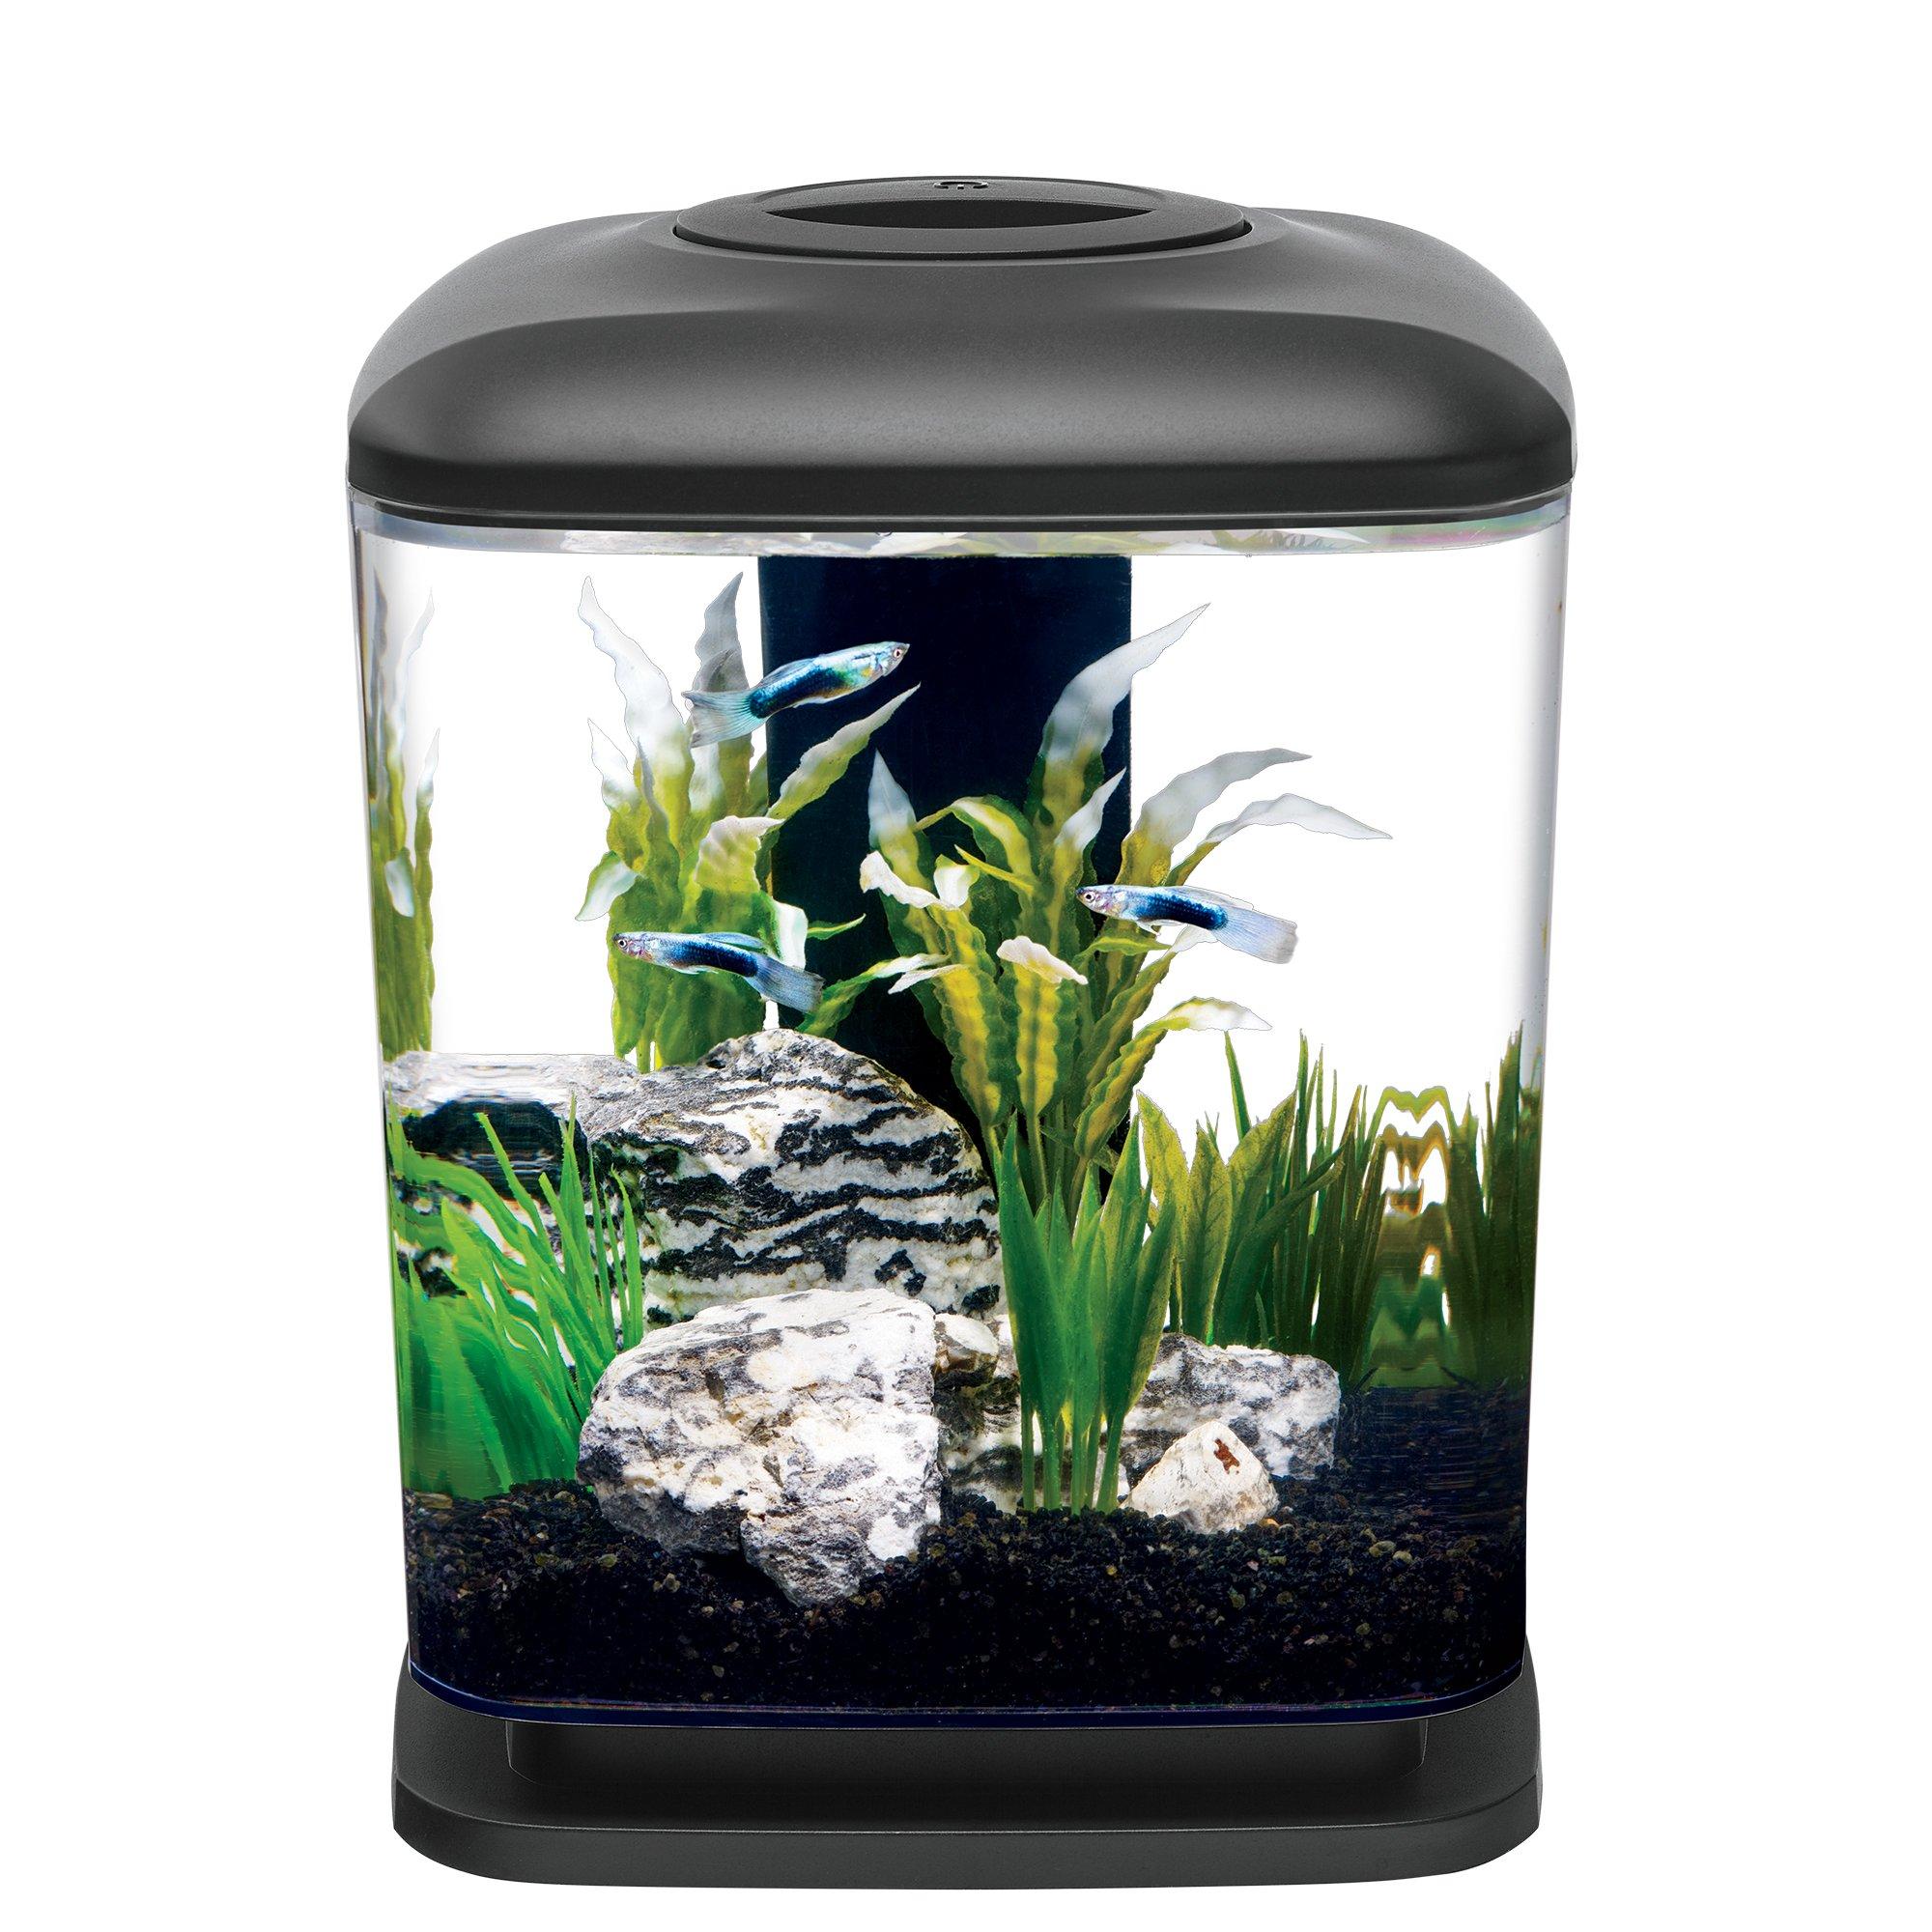 Aqueon led mini cube 1 6 gal petco for Petco fish prices